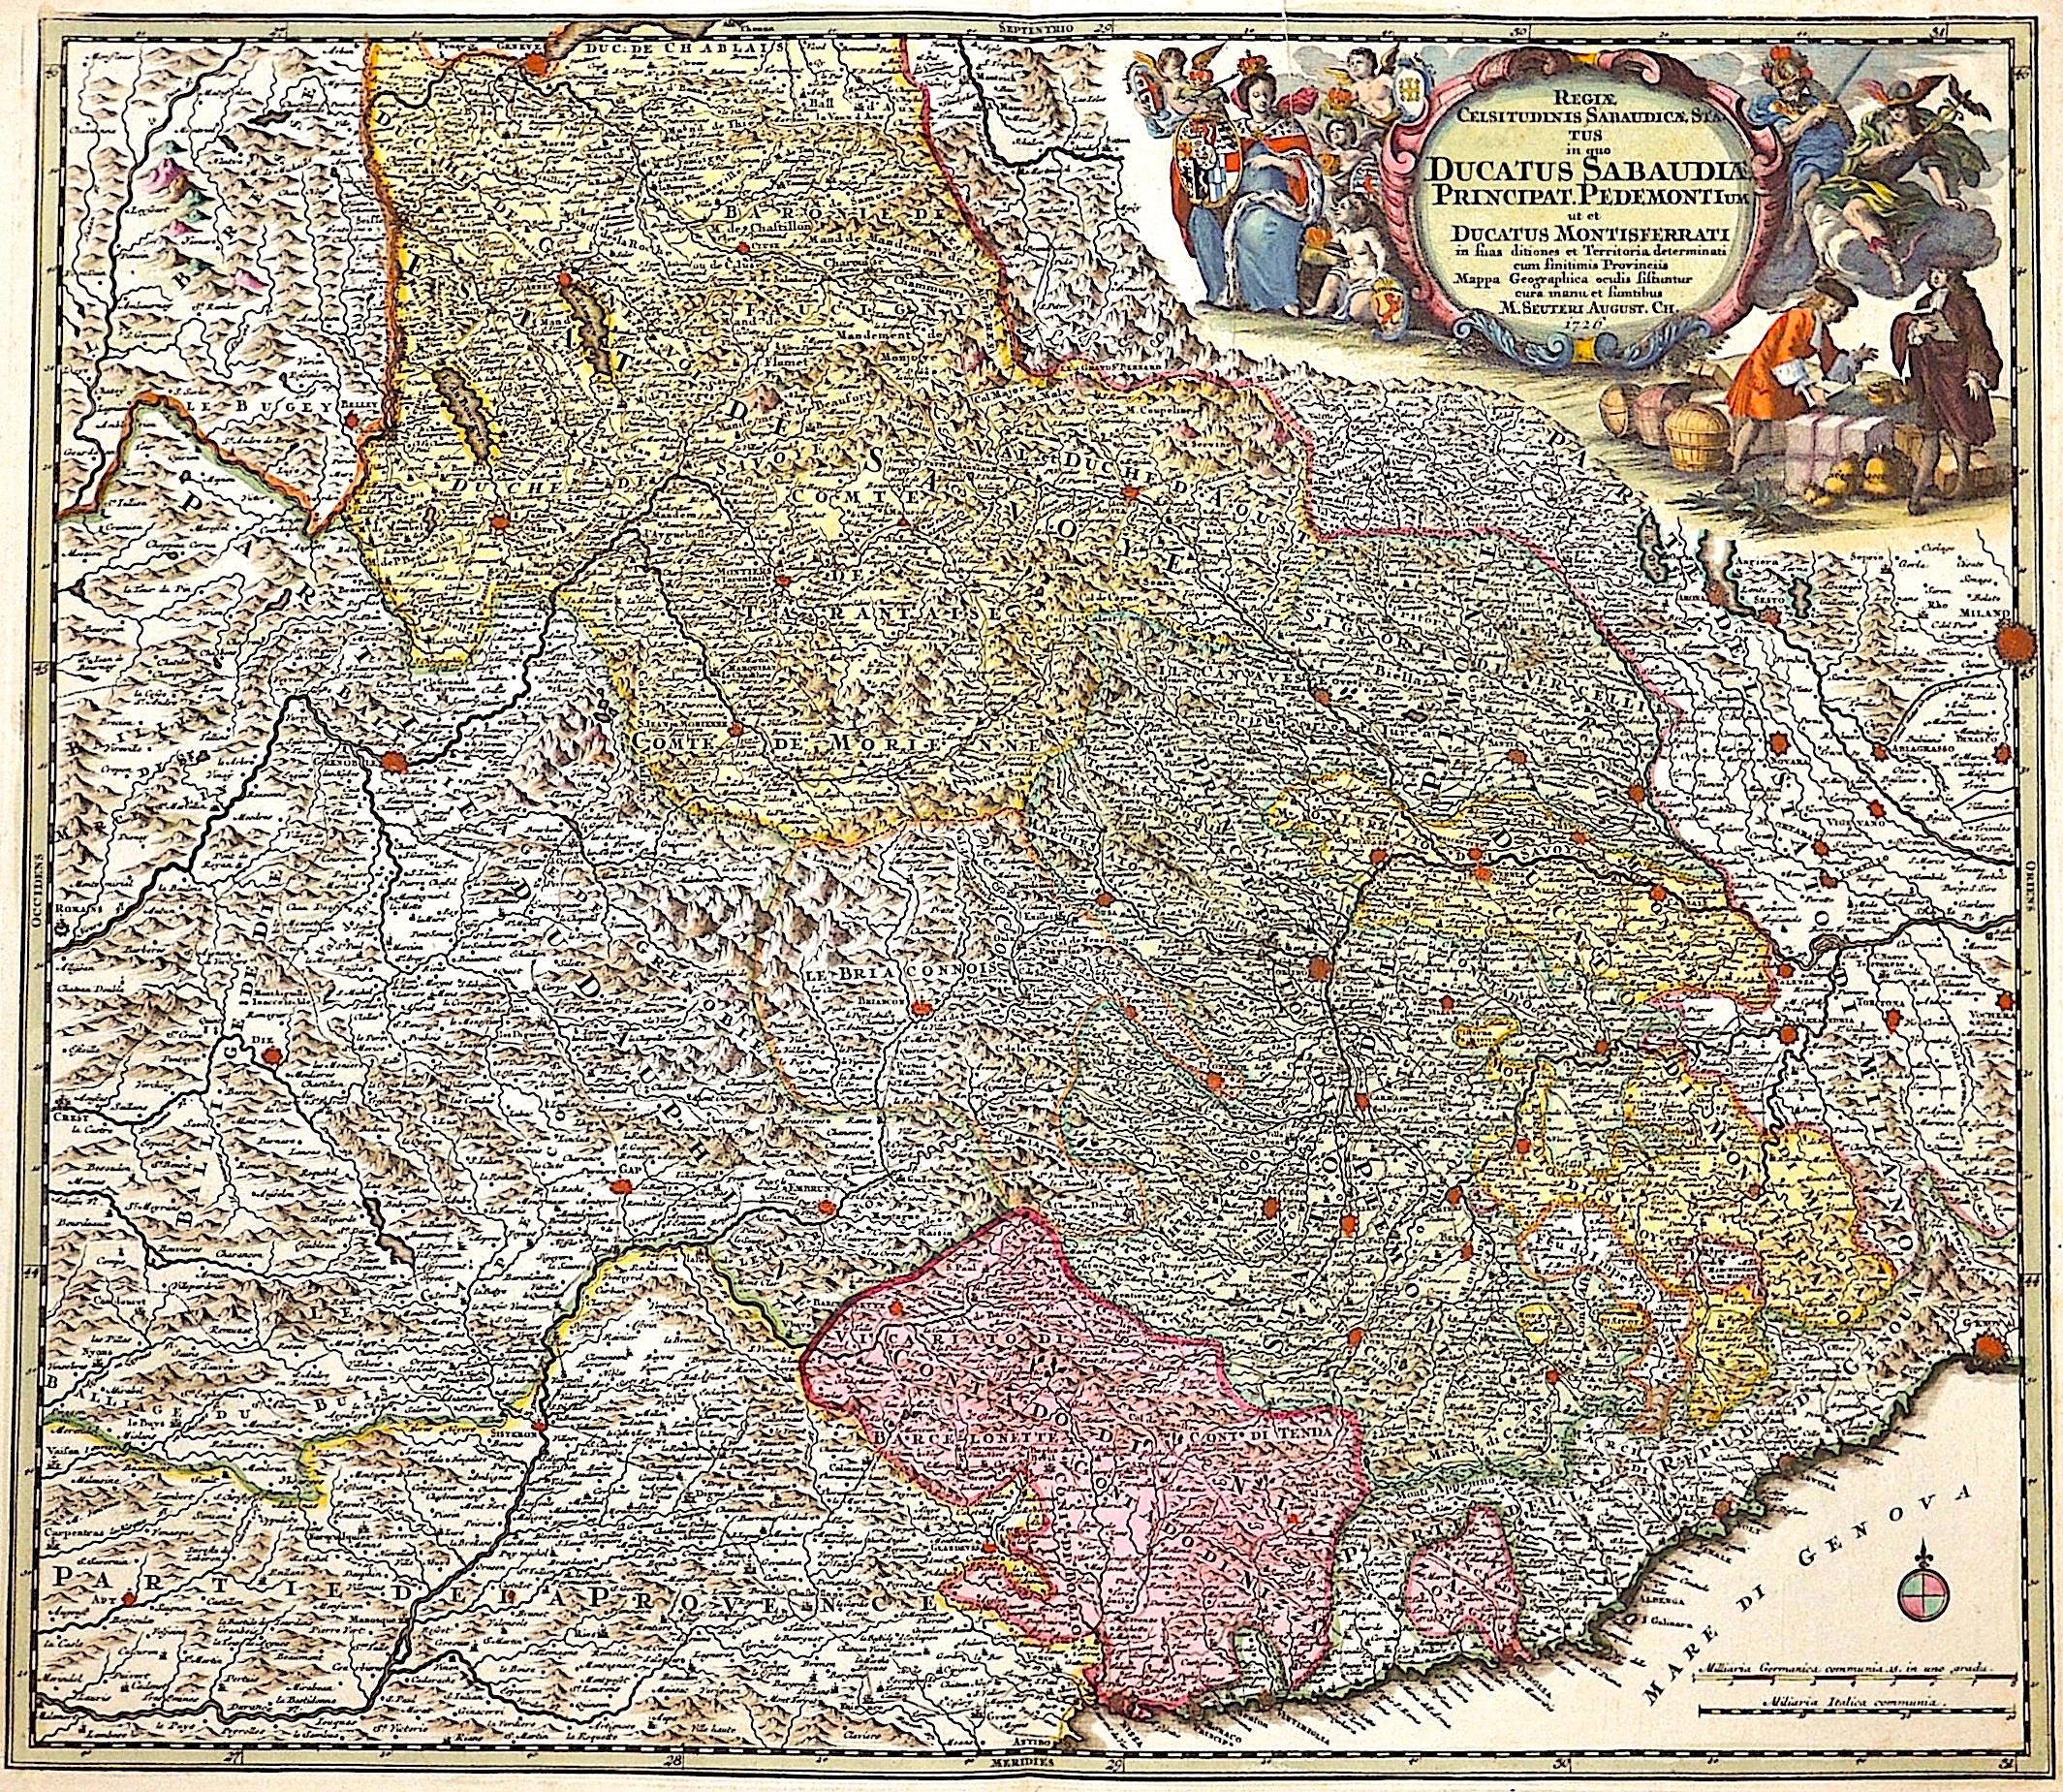 Seutter Matthias Regiae Celsitudinis Sabaudicae, status in quo ducatus Sabaudiae Principat. Pedemontium ut et ducatus Montesferrati